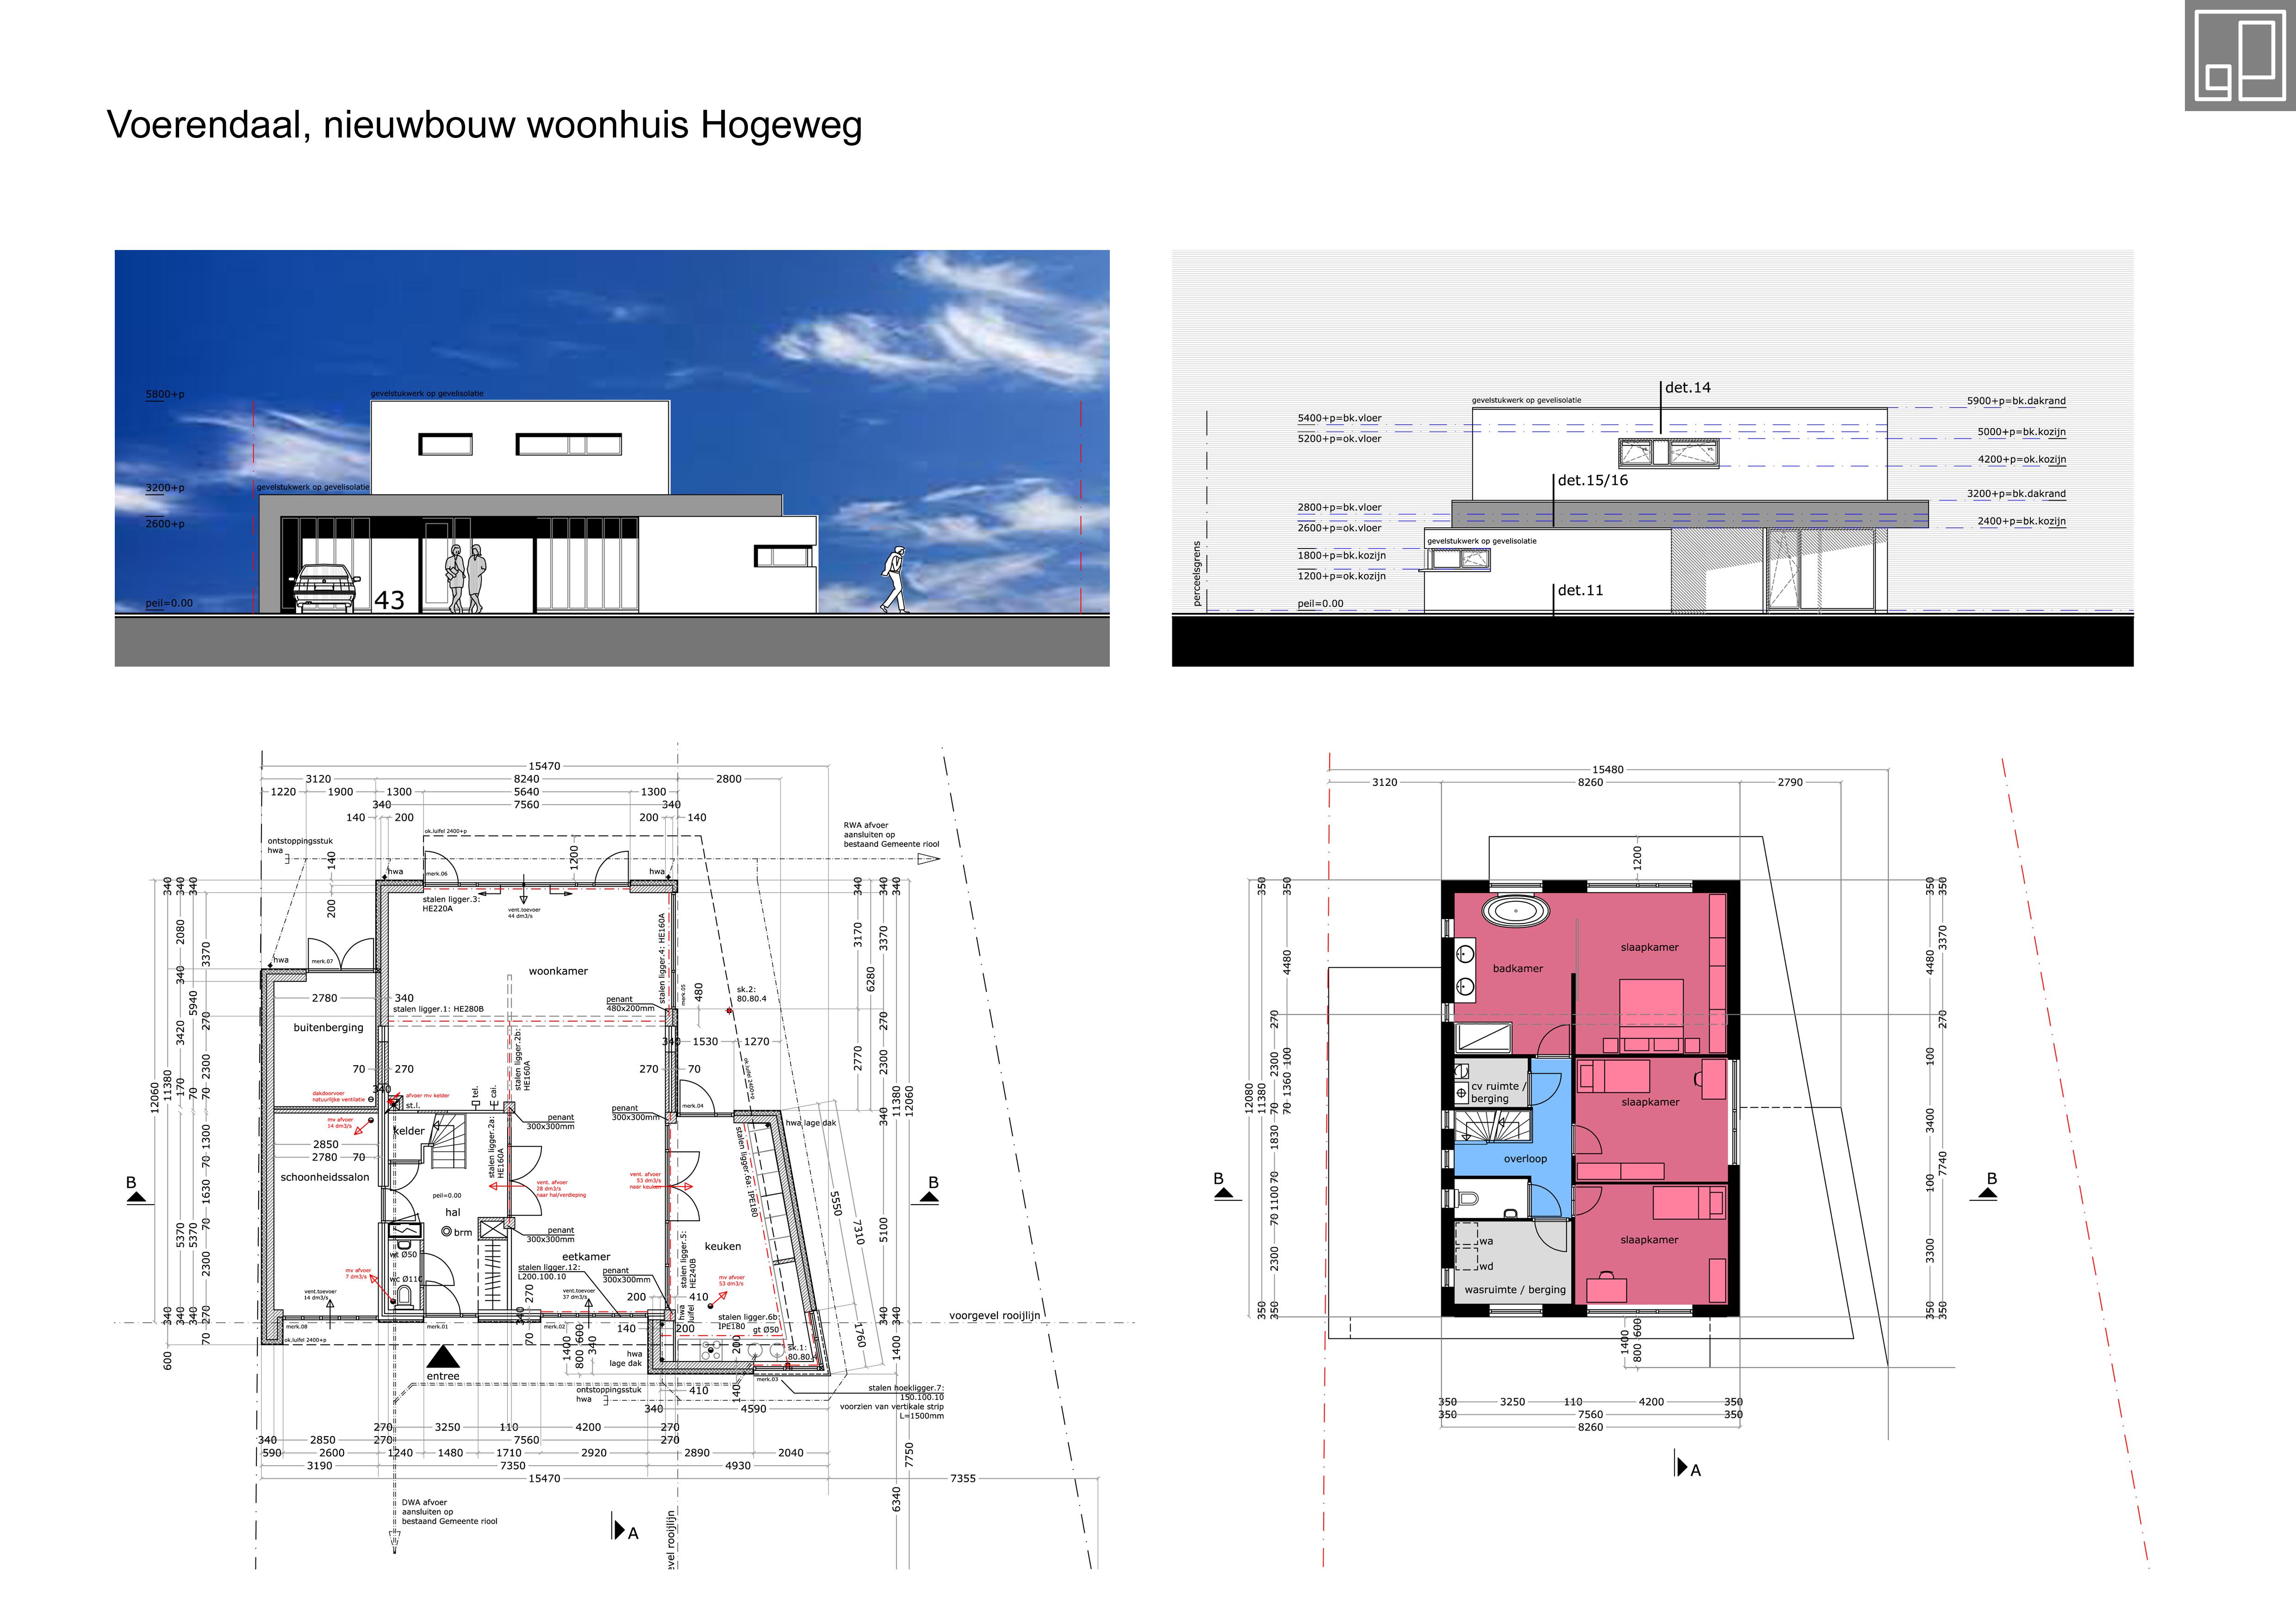 Nieuwbouw woonhuis Voerendaal